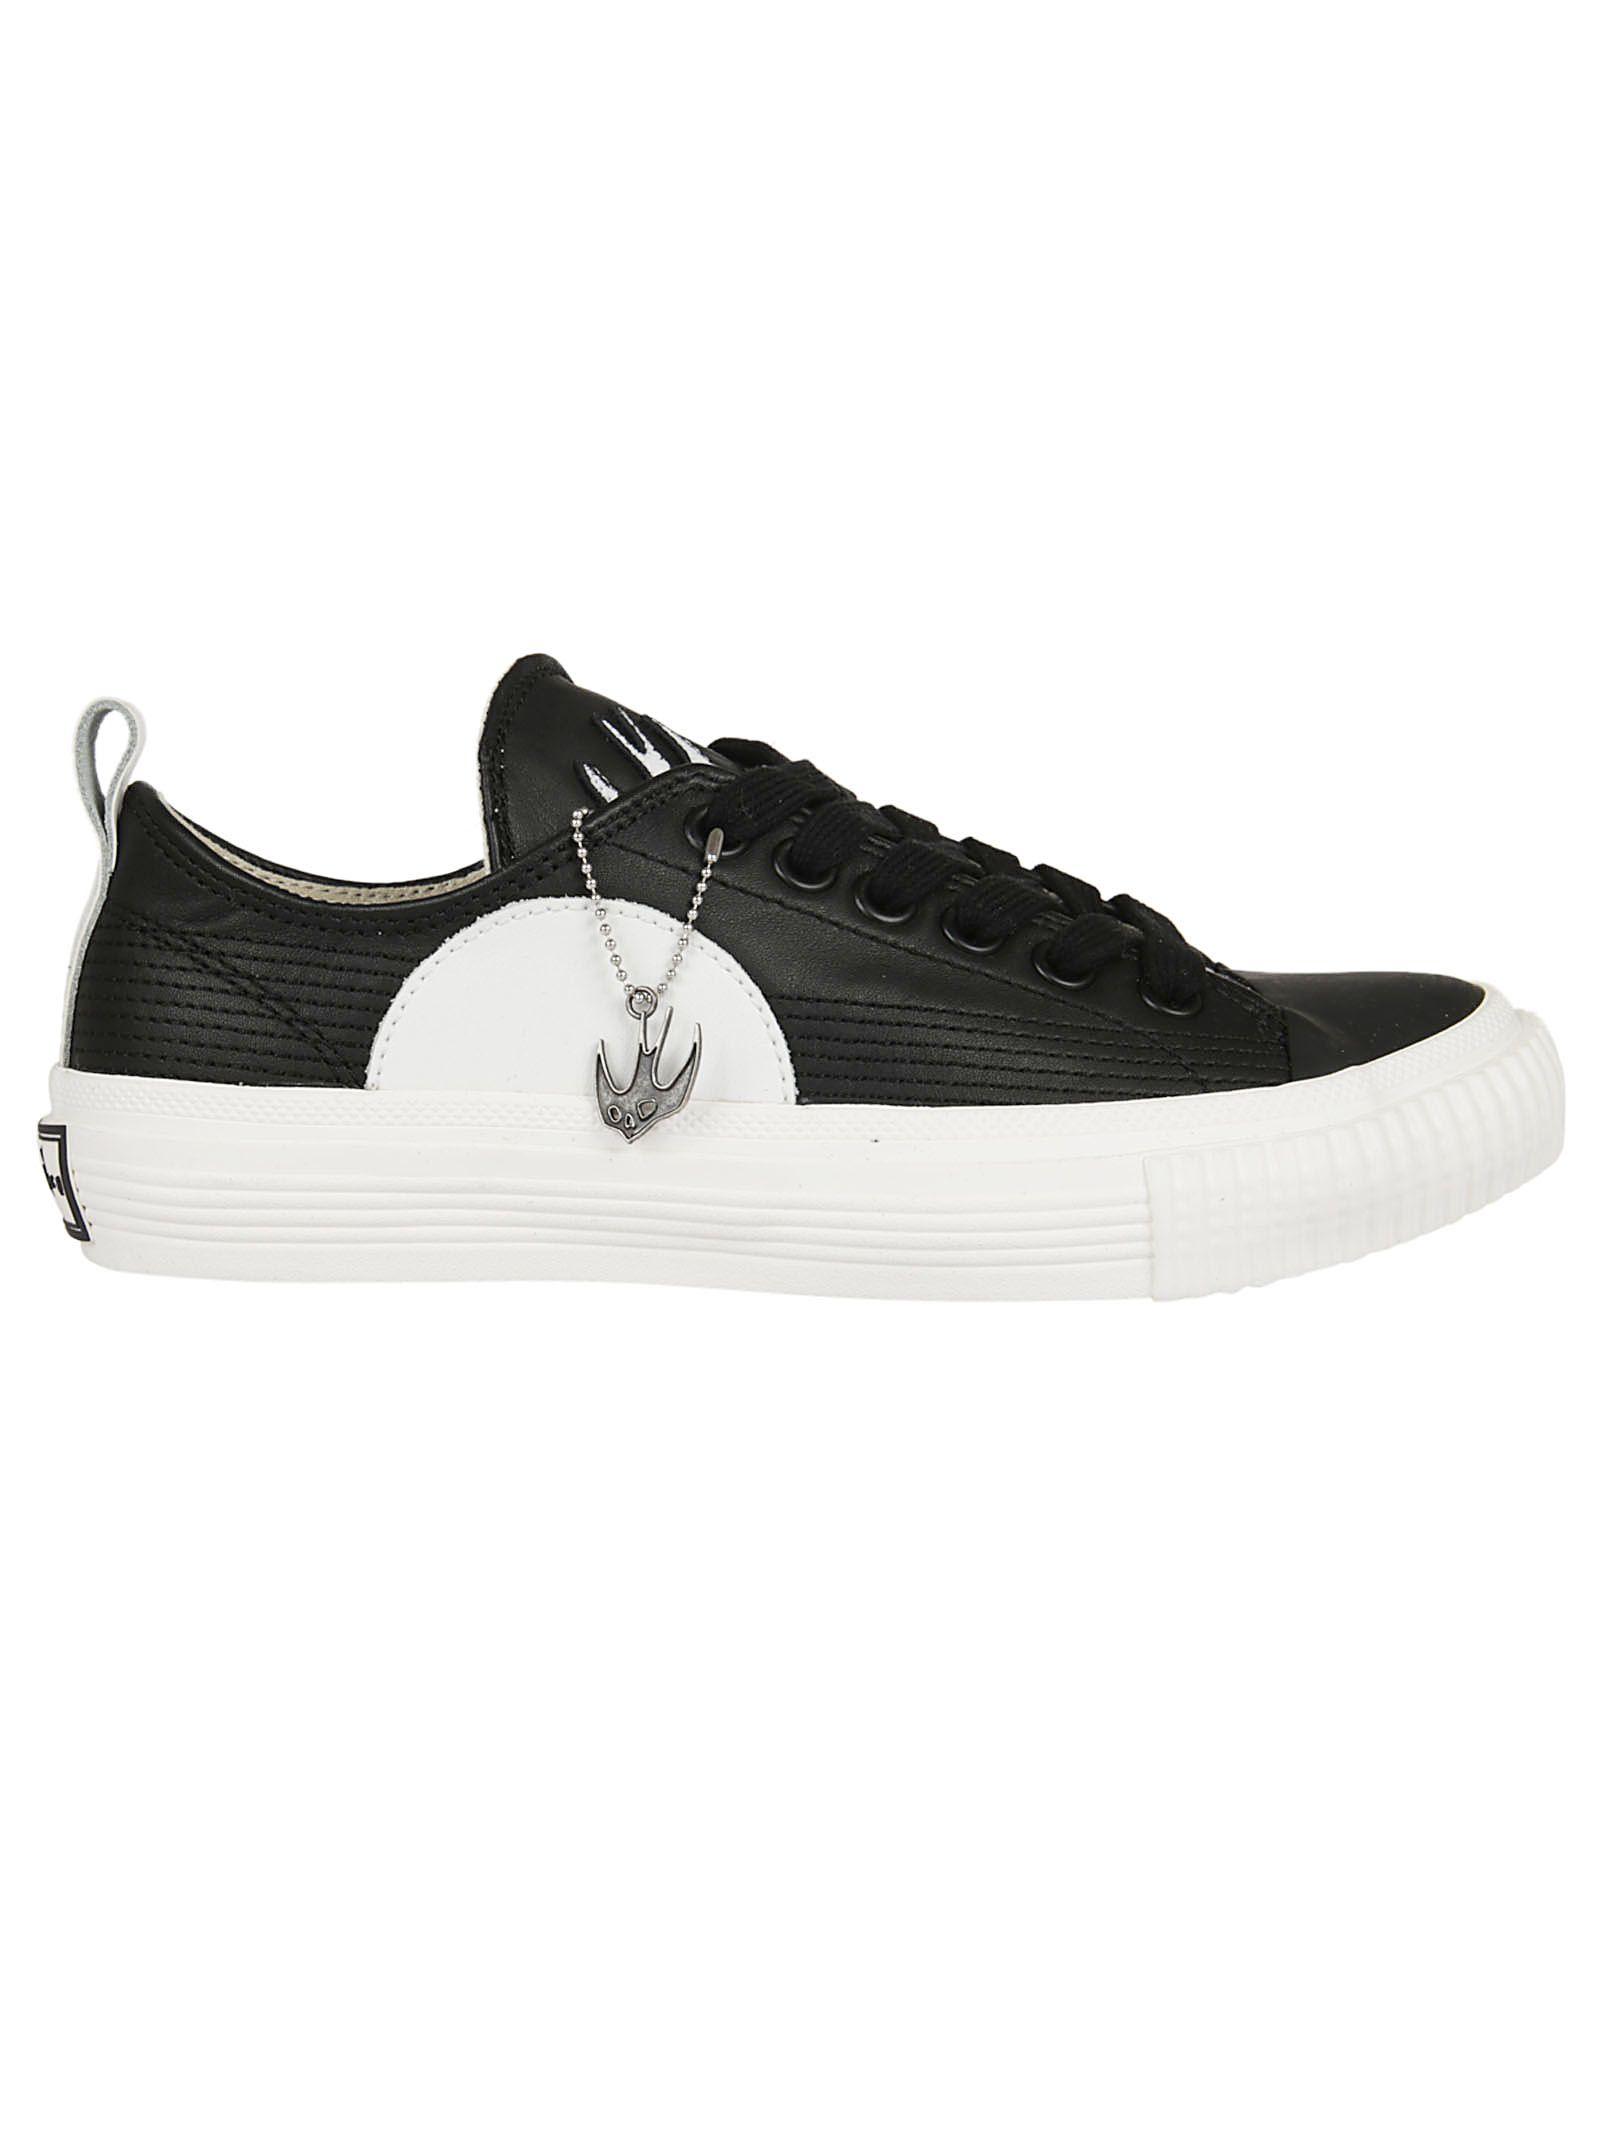 McQ Alexander McQueen Alexander Ueen Plimsoll Low Sneakers